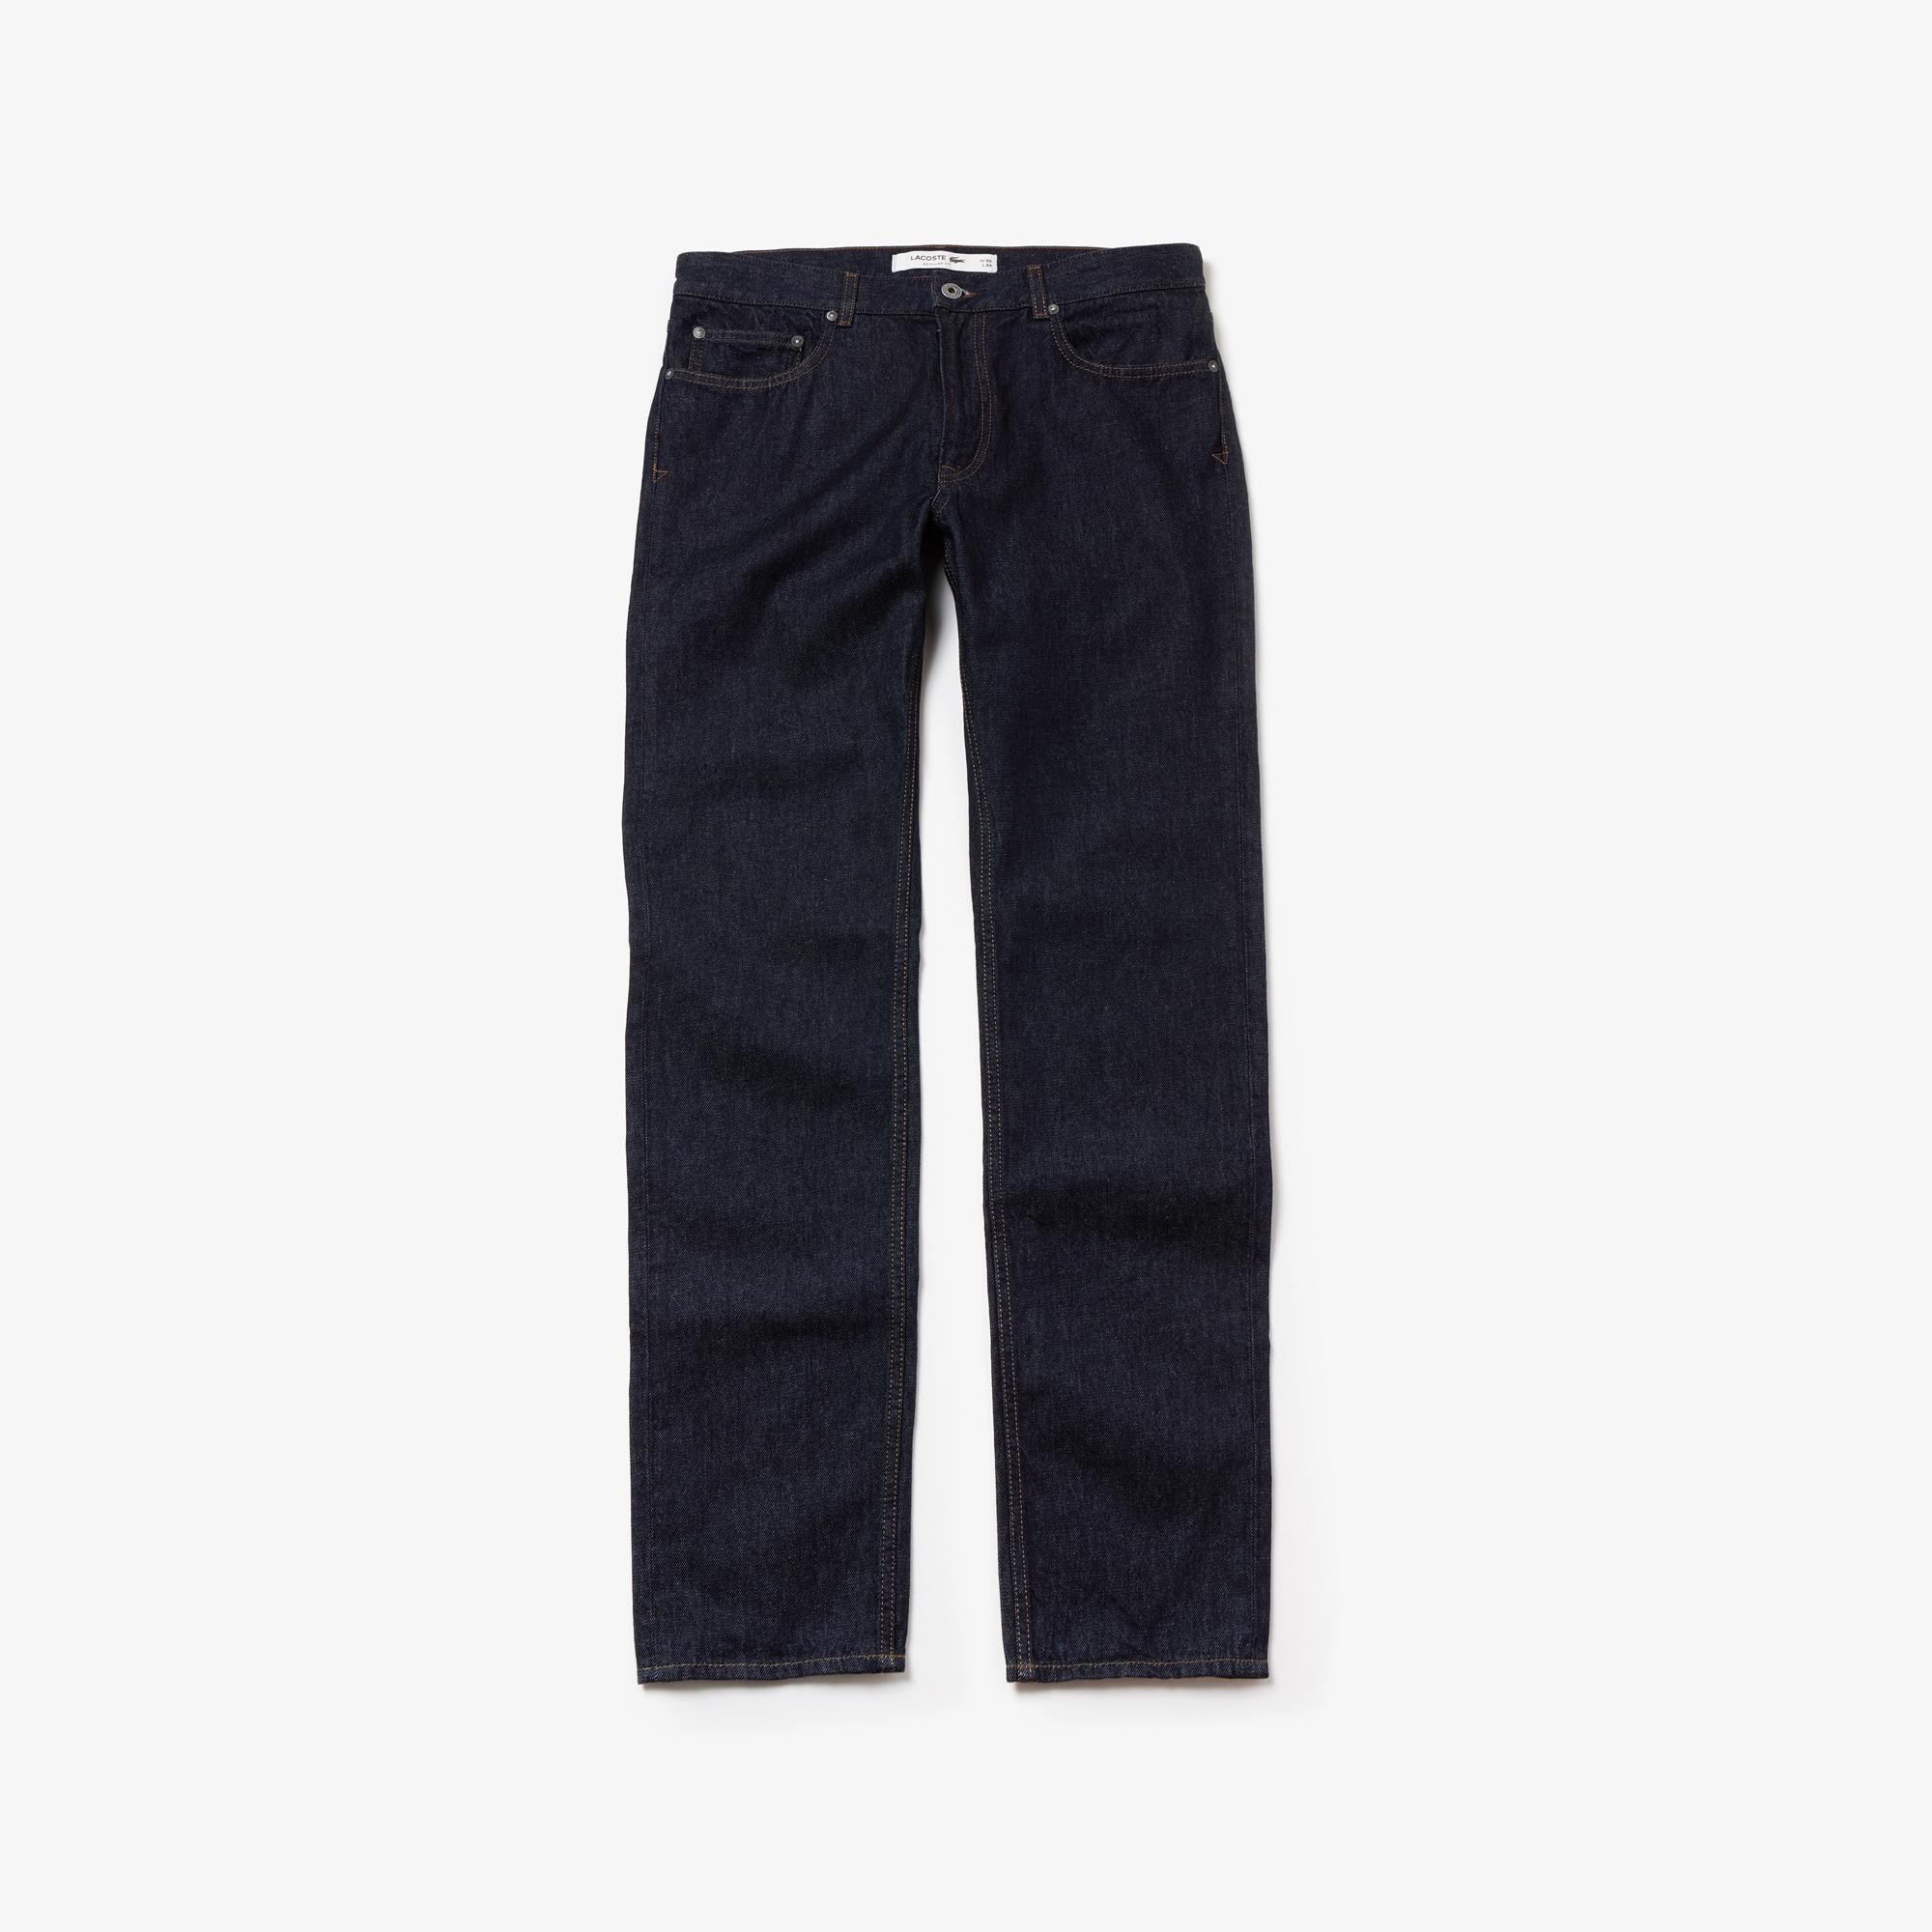 Jeans 5 tasche dal taglio dritto in denim di cotone